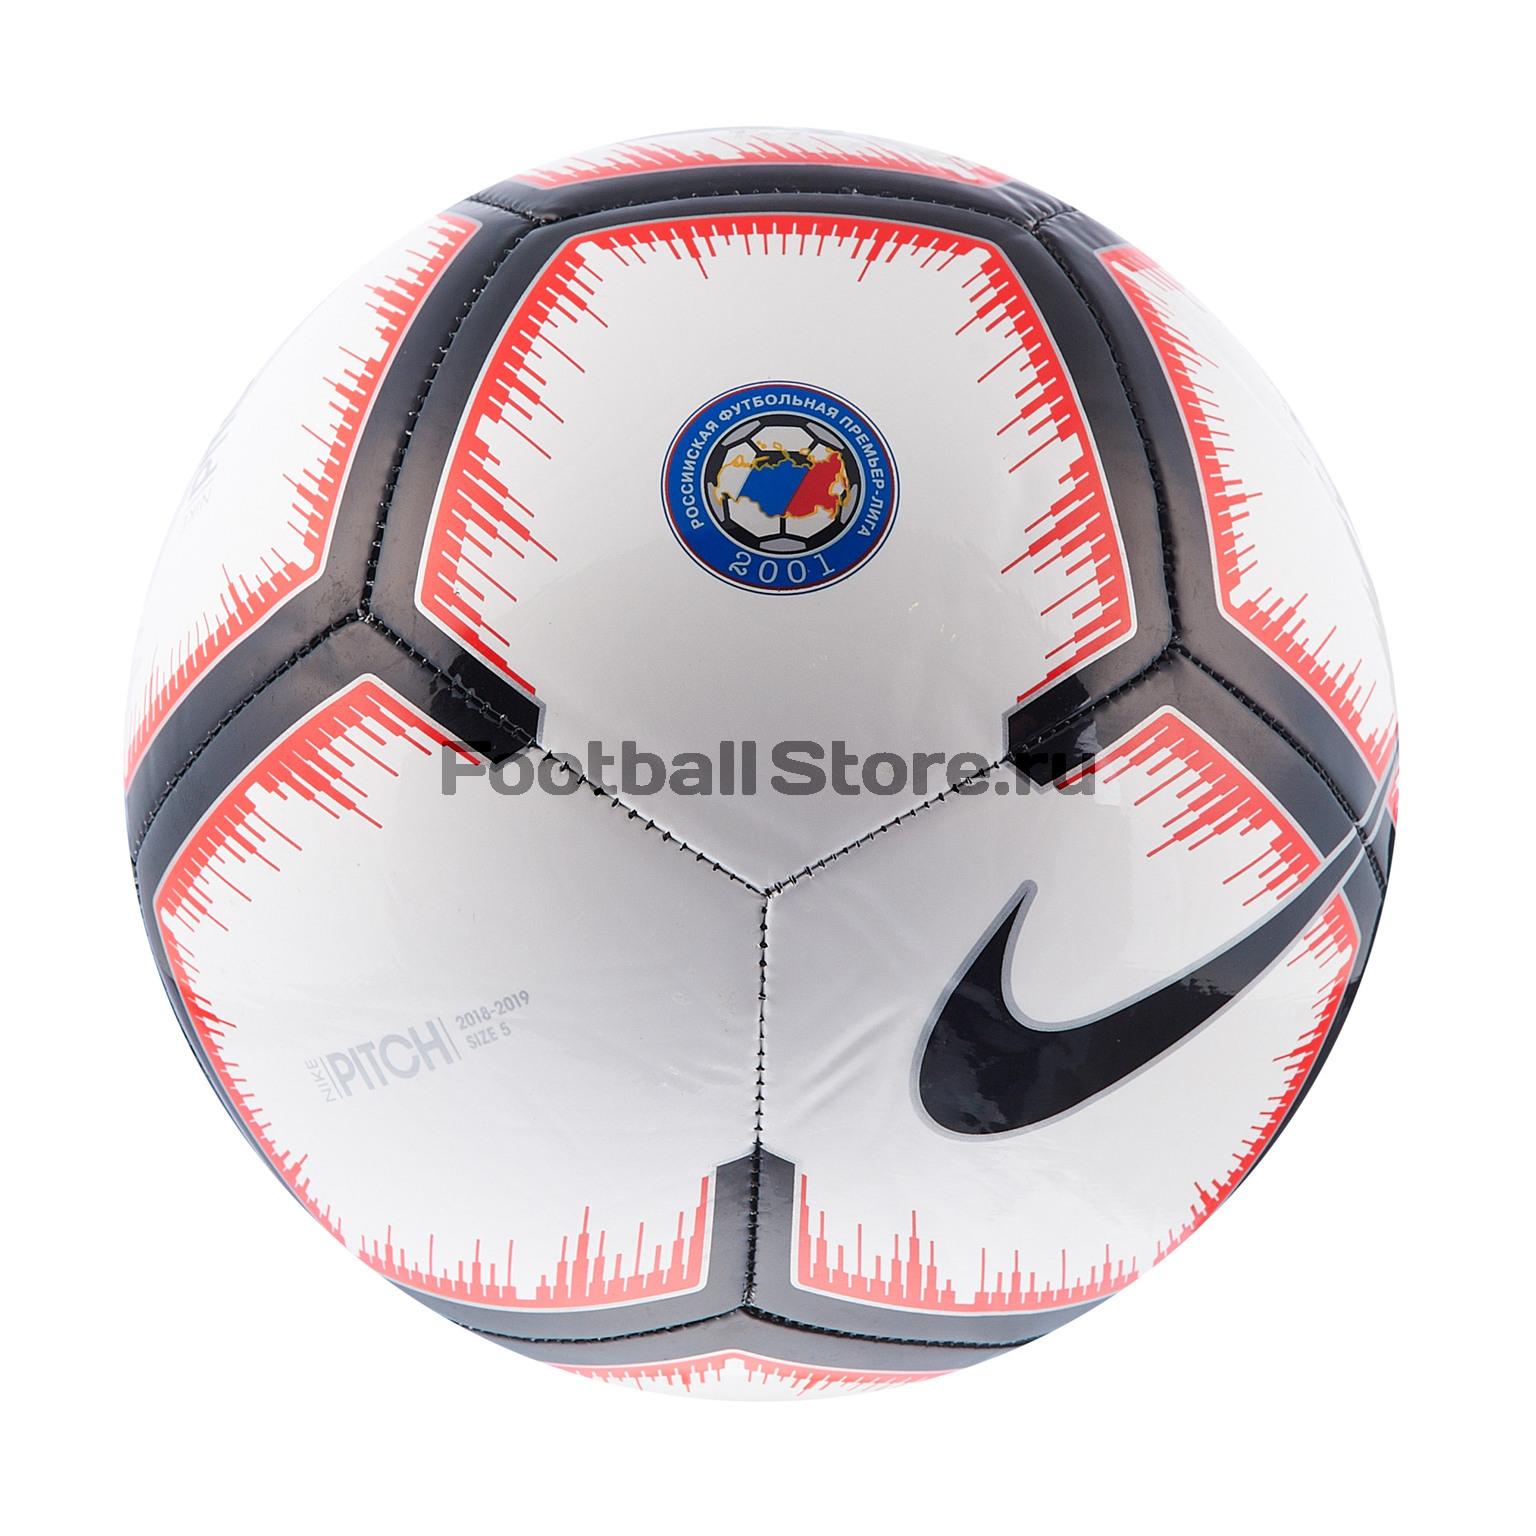 Футбольный мяч Nike RPL (Россия) Pitch SC3515-100